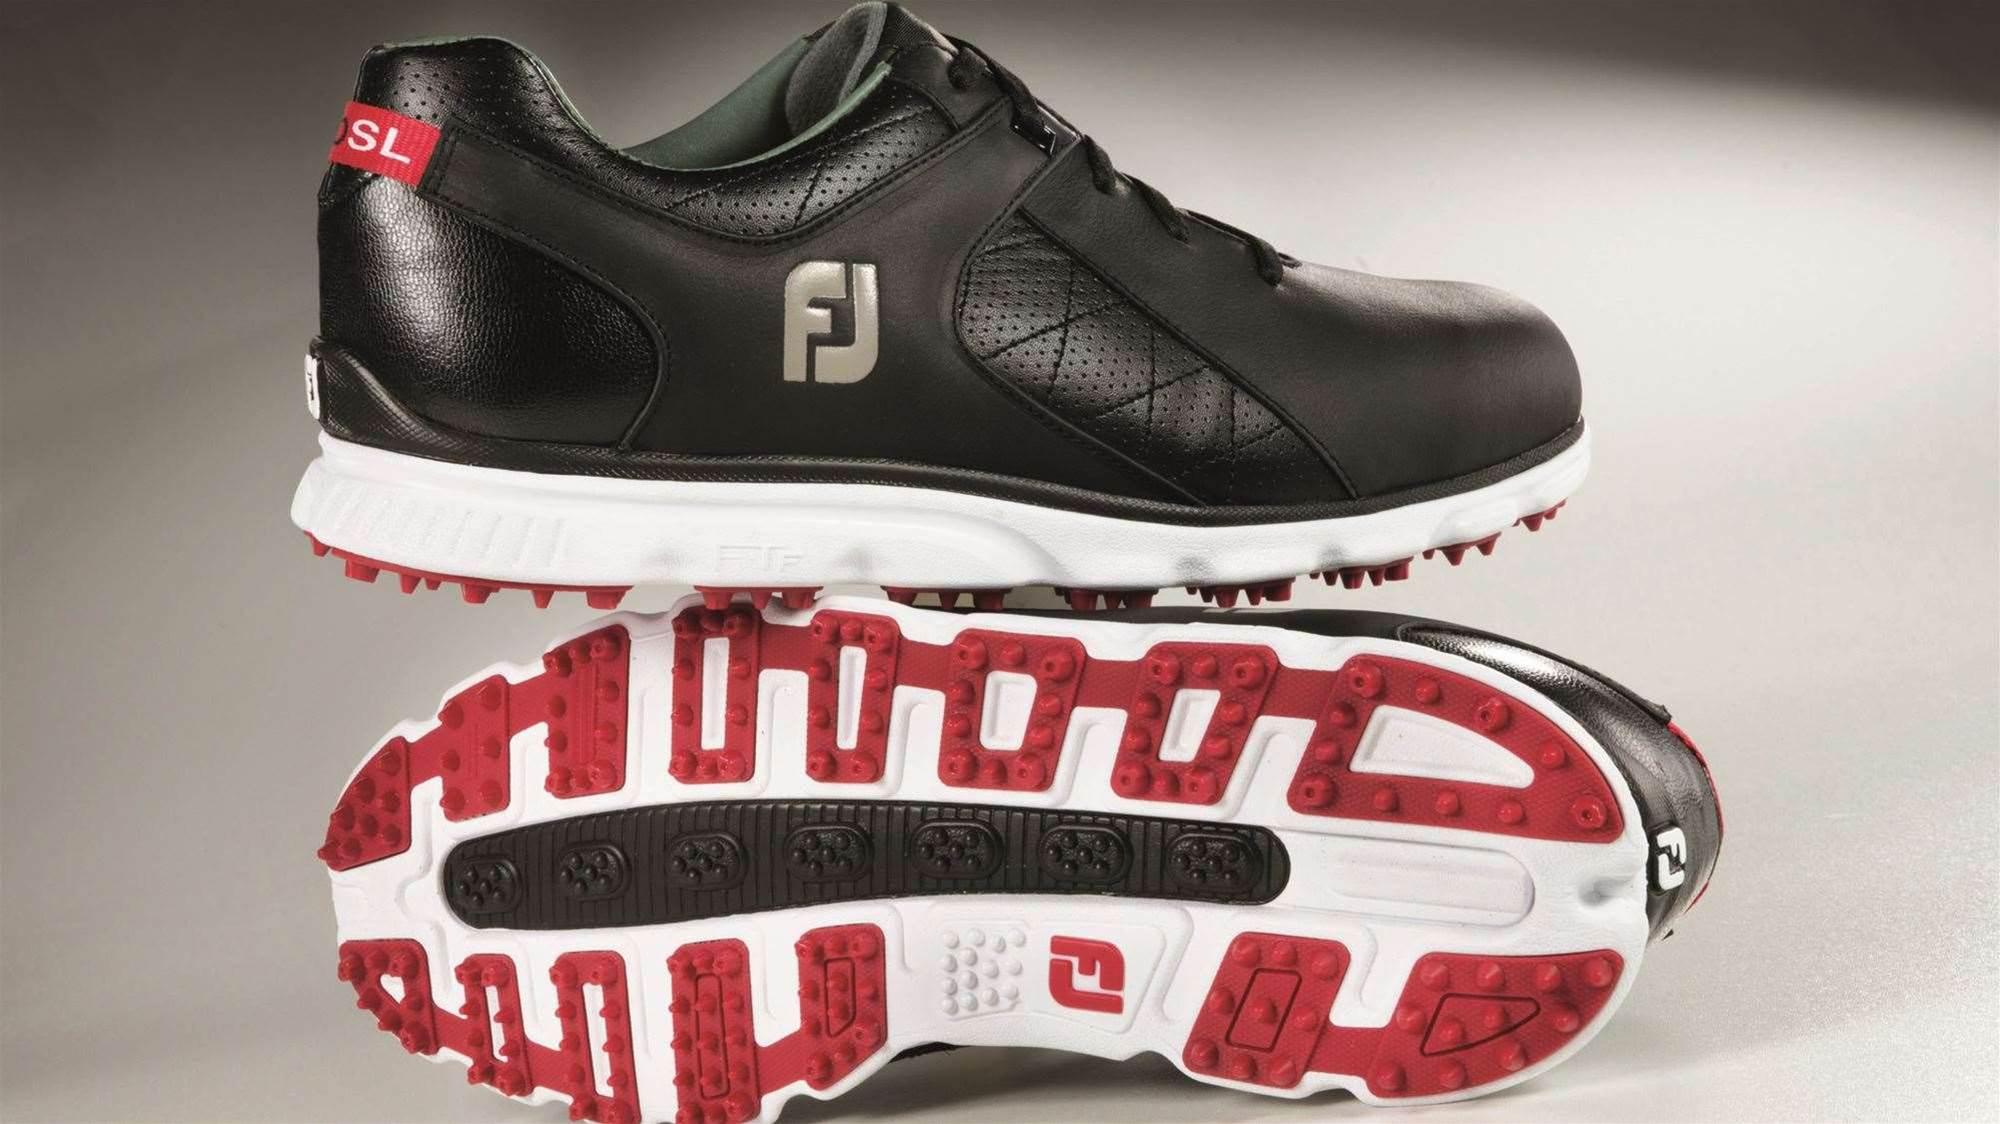 NEW GEAR: FootJoy Pro/SL shoes